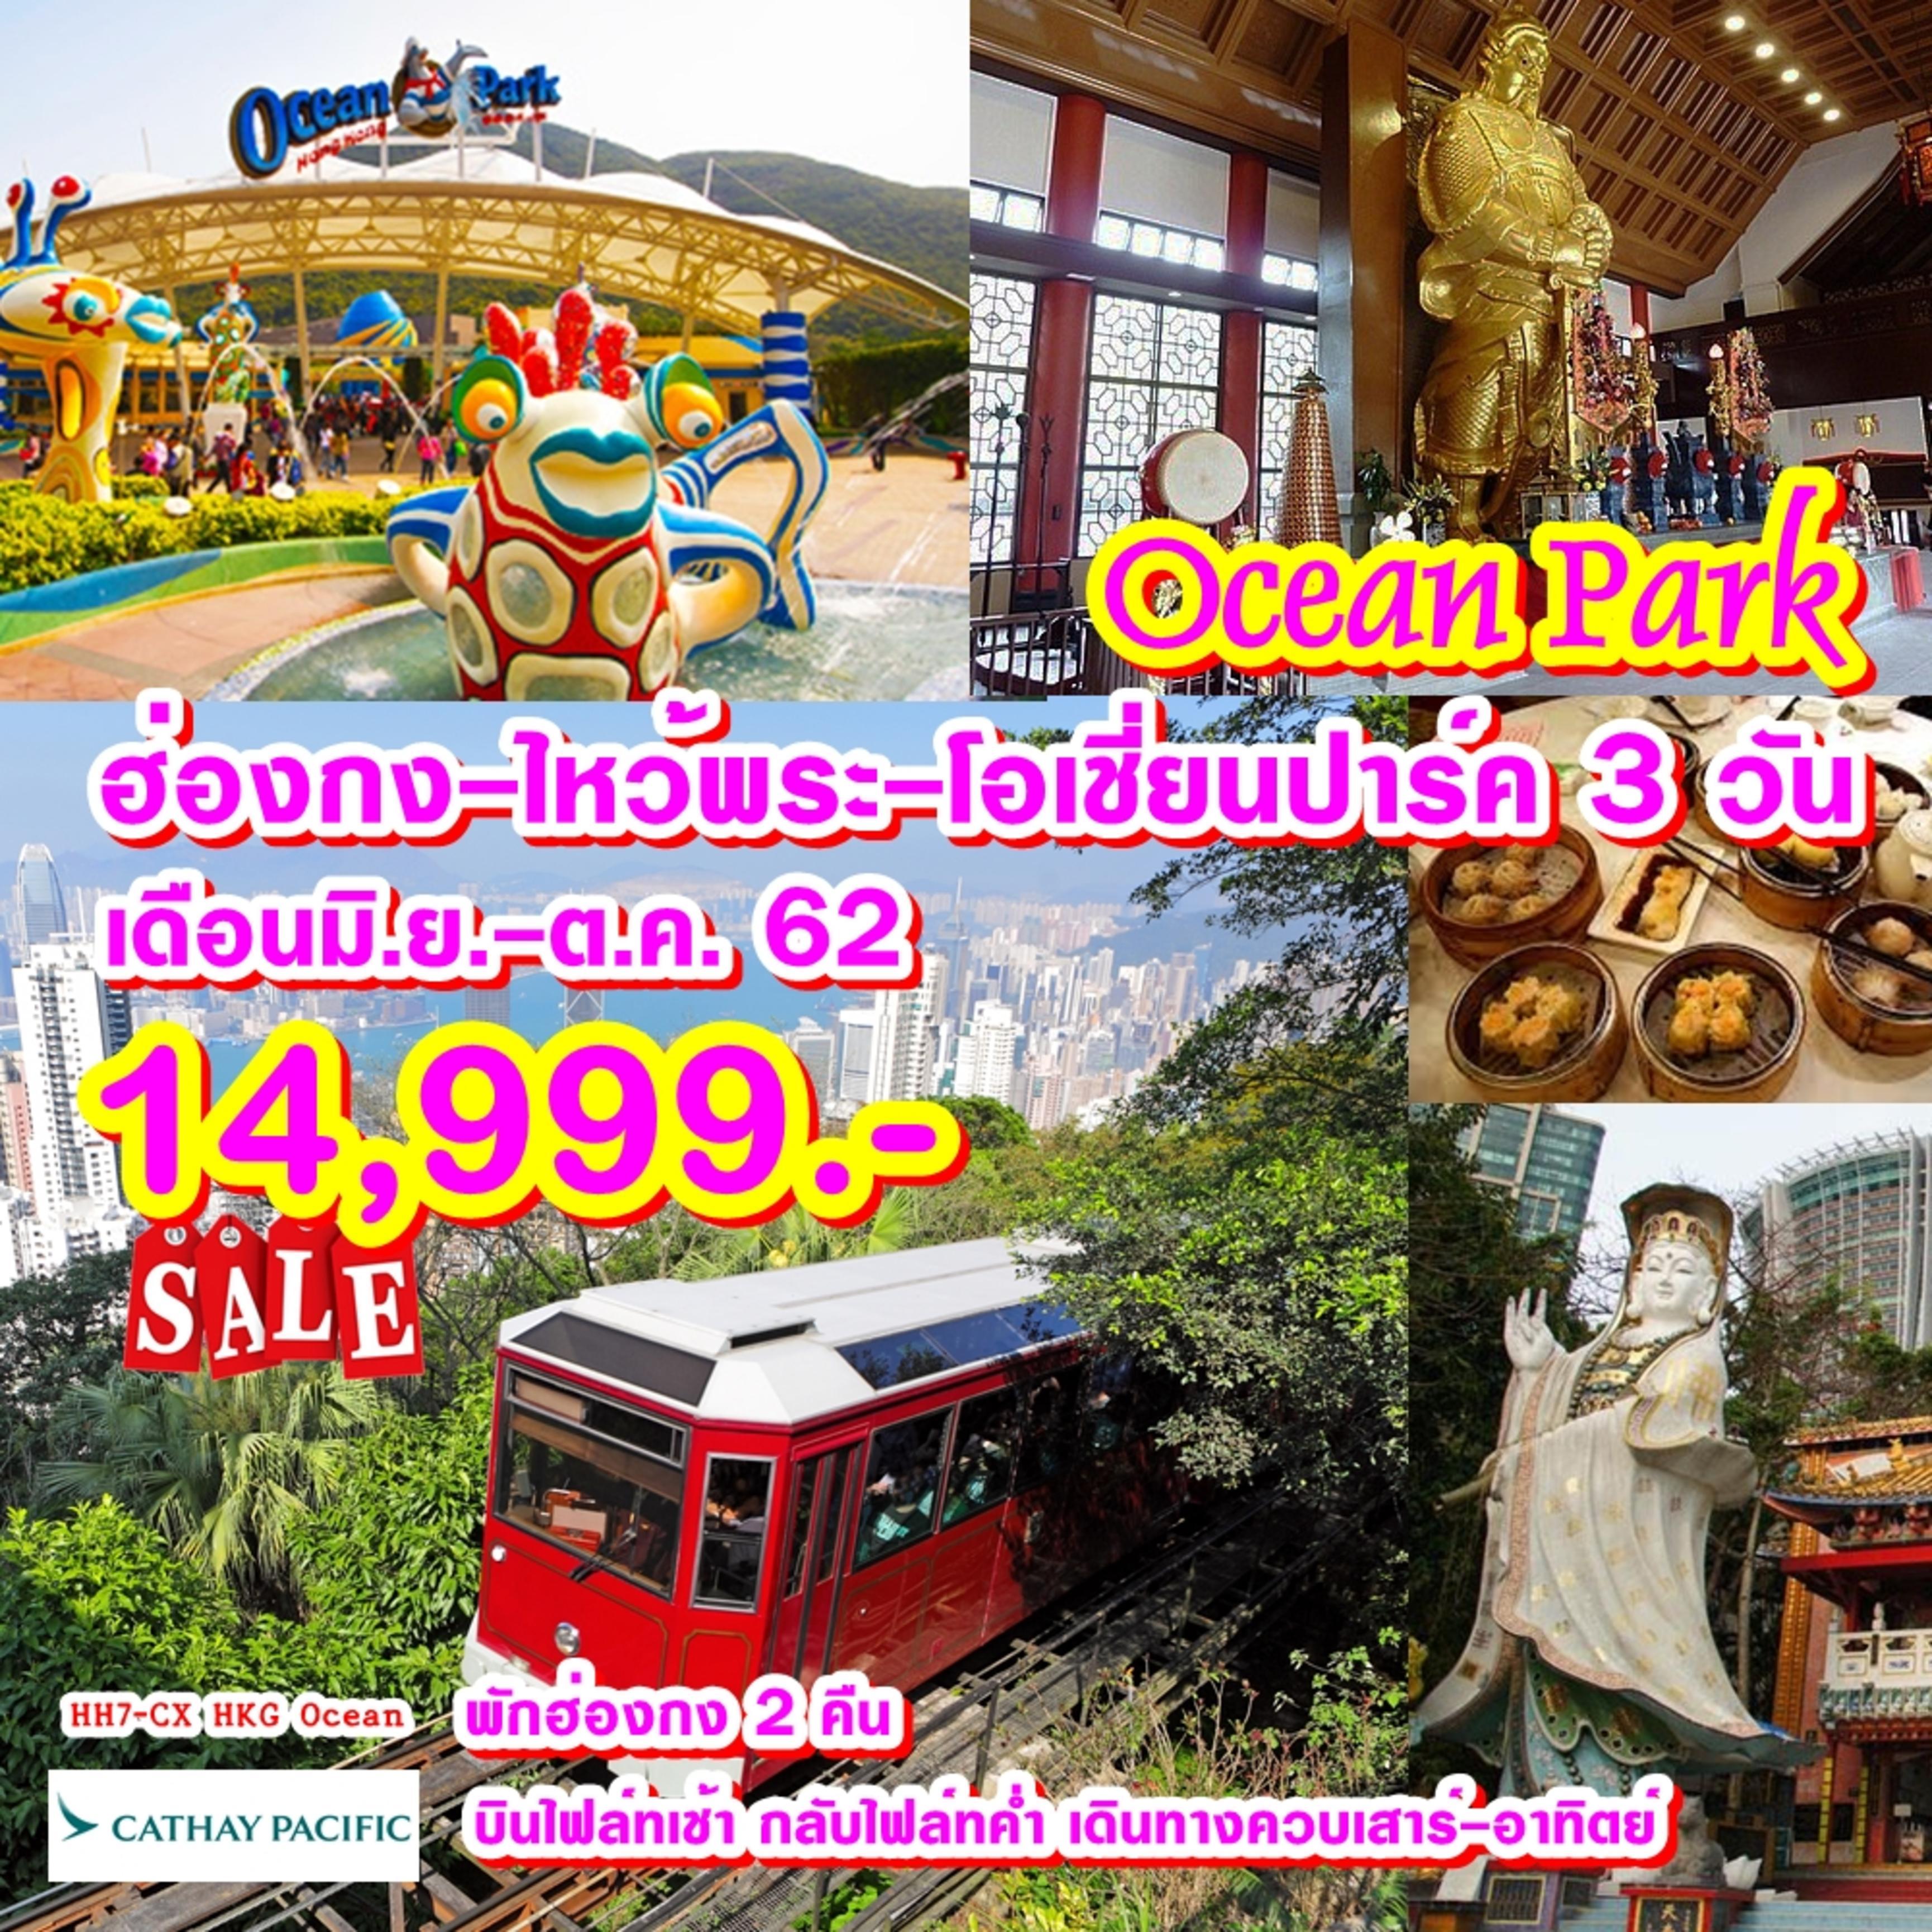 HH7-CX HKG Ocean Hkg-Ocean Park 3 Days